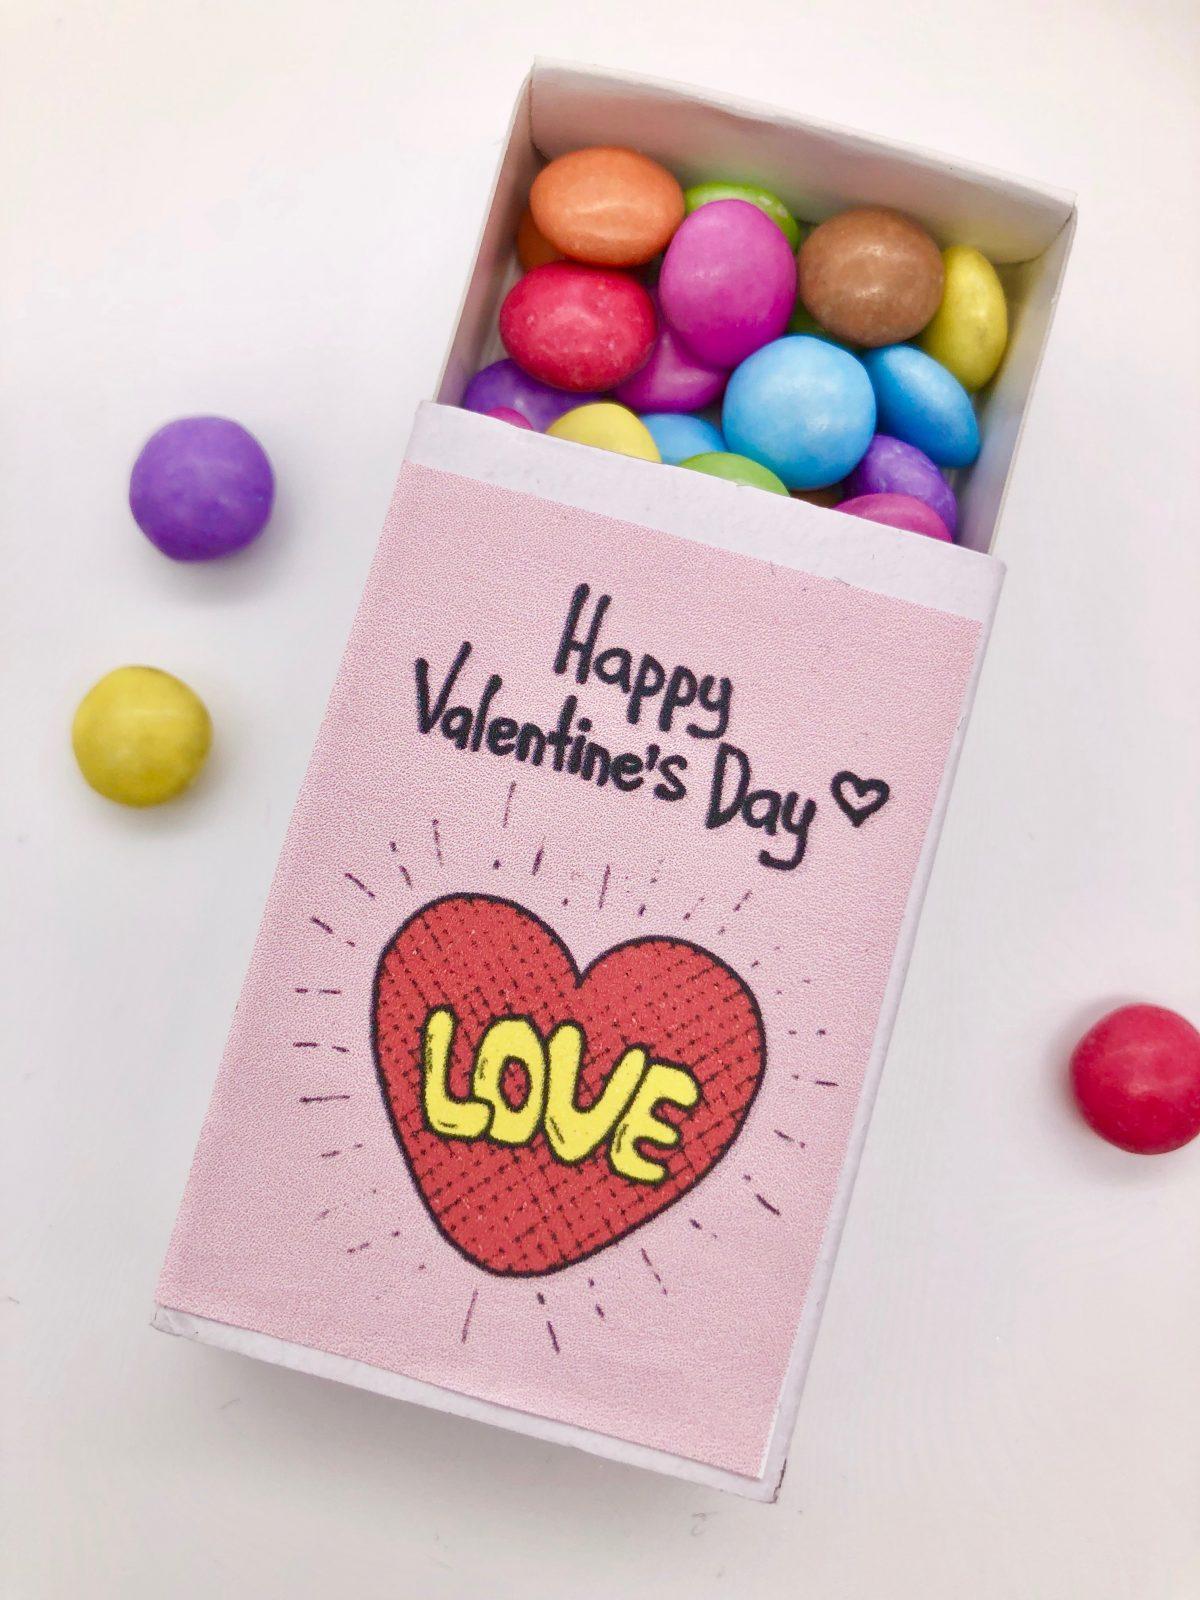 Blanko Streichholzschachteln bedrucken - einfache DIY Idee zum Valentinstag